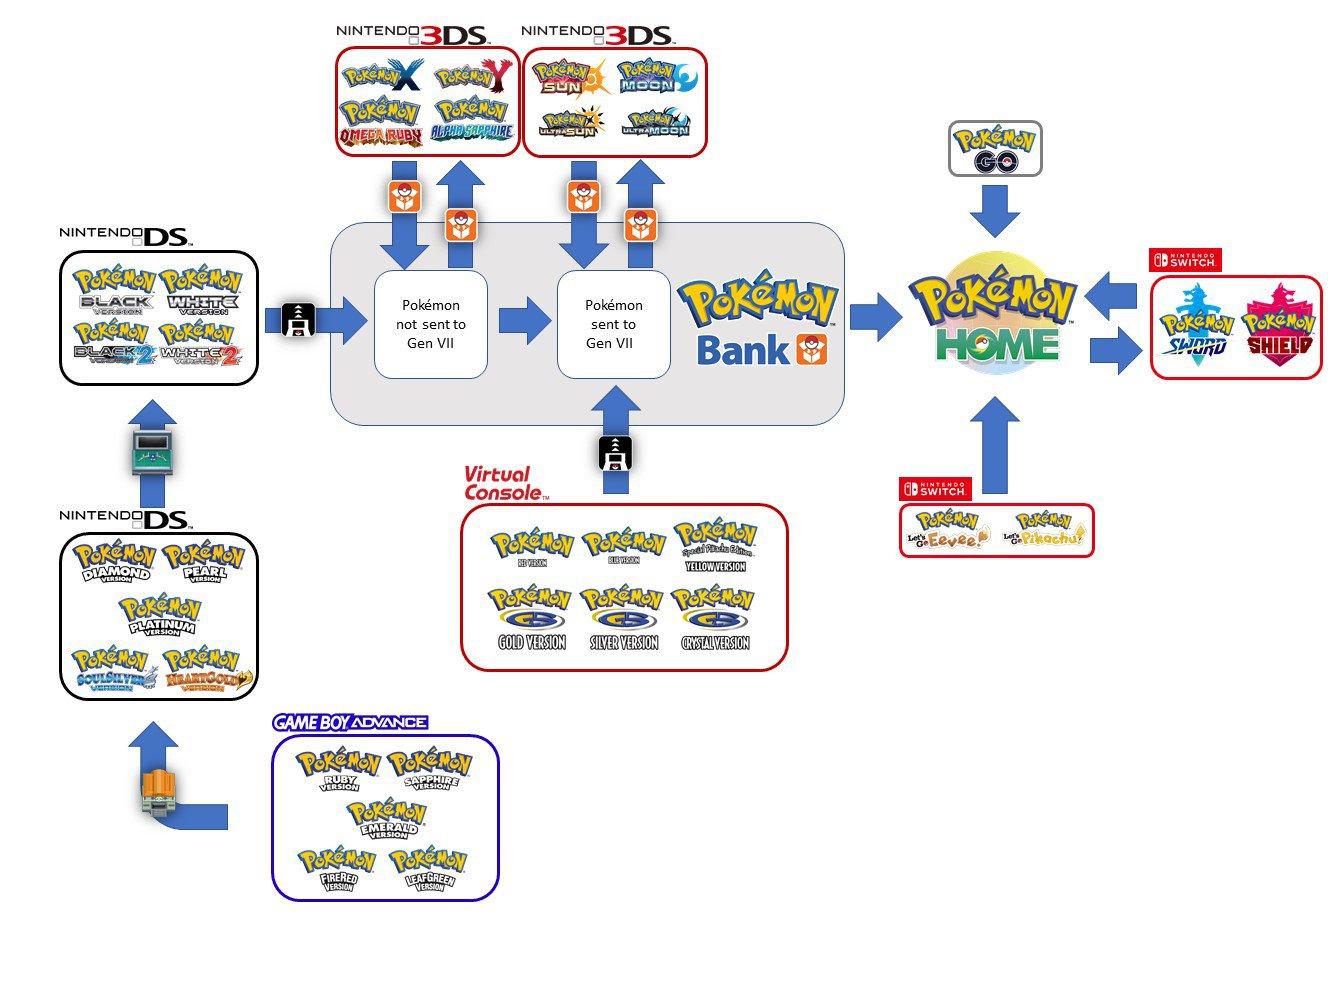 一张图导览《宝可梦Home》复杂的版本交换规则